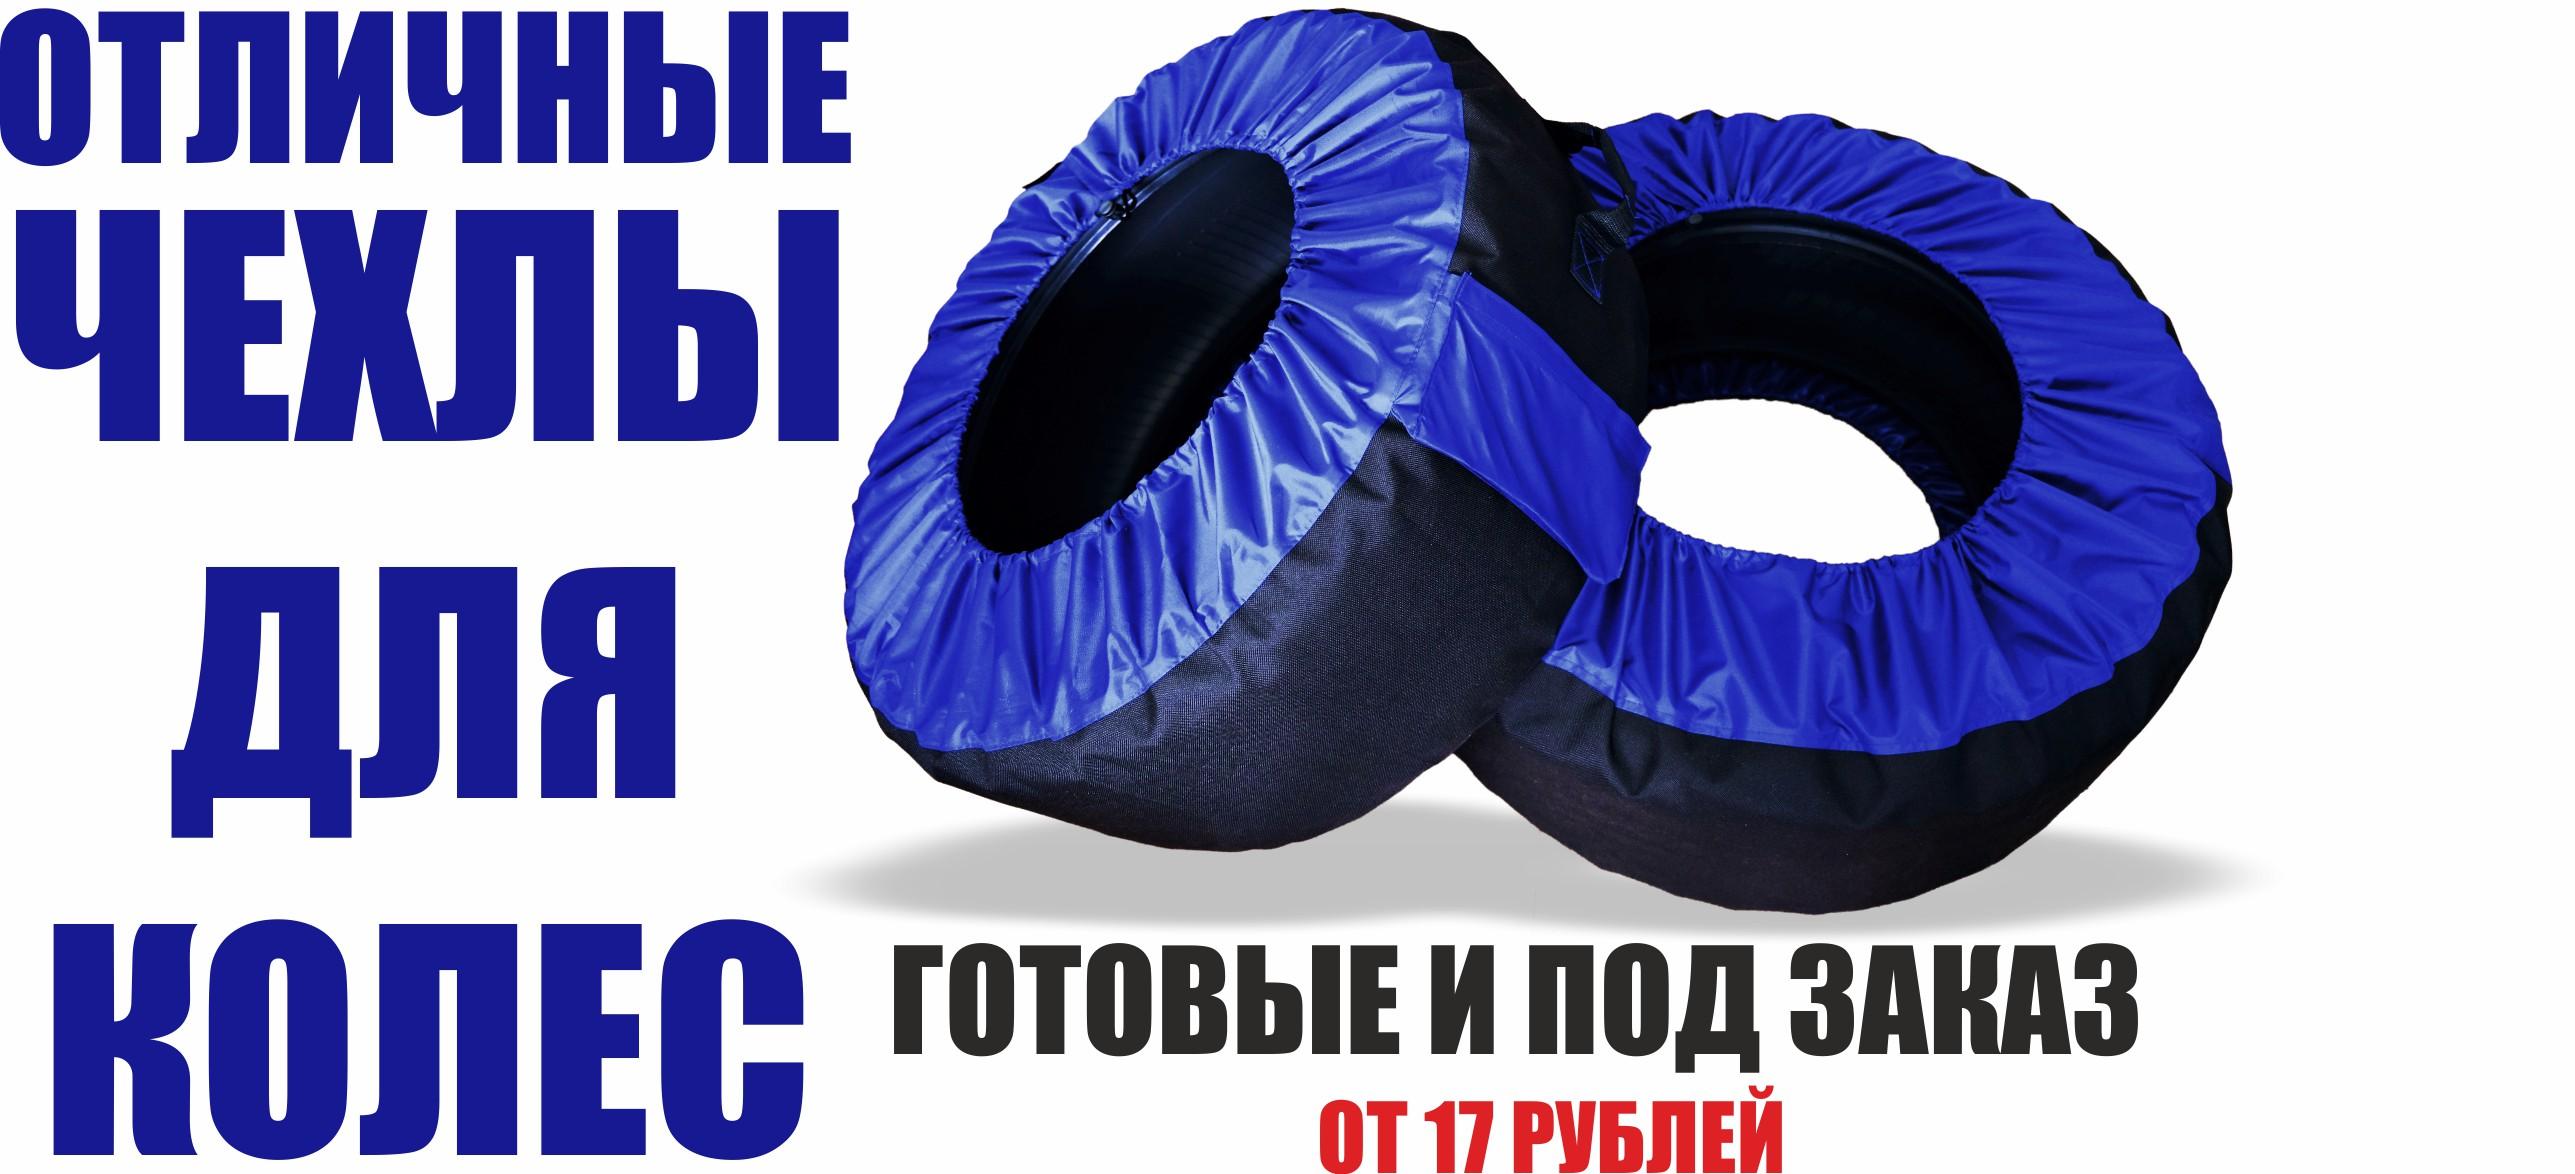 chehlydljakoles-banner